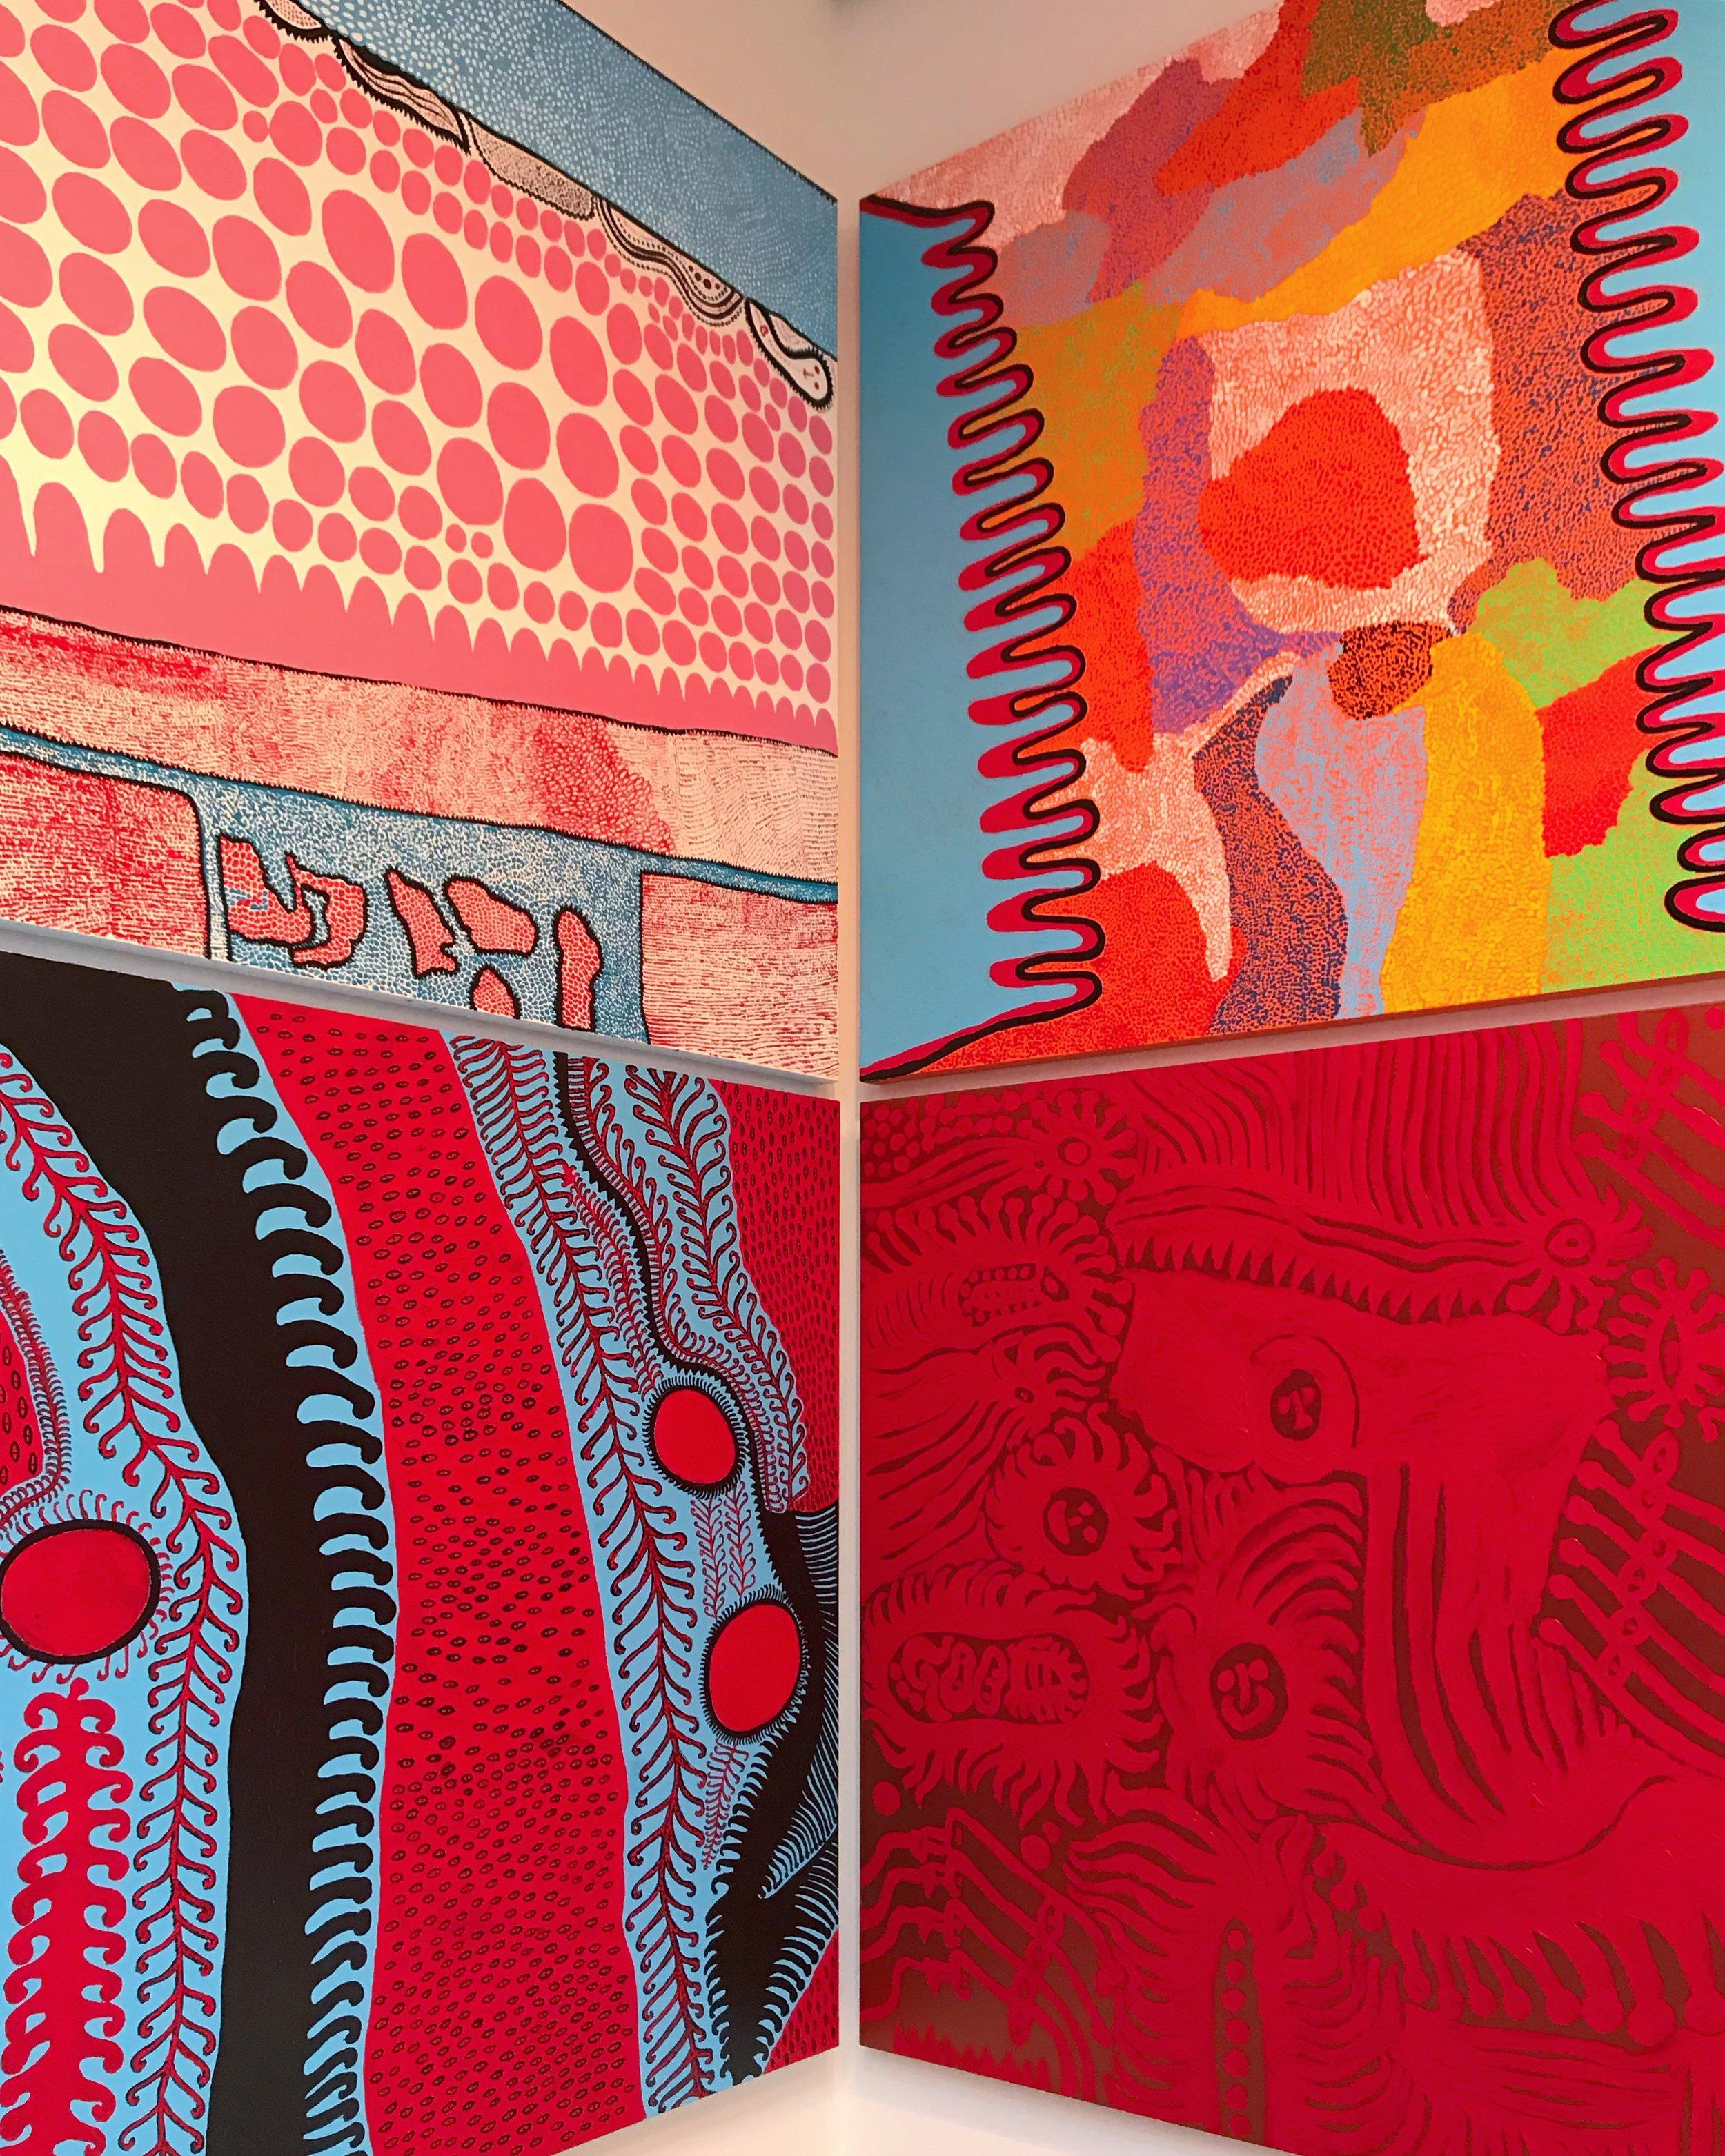 Paintings by Japanese Artist -Yayoi Kusama